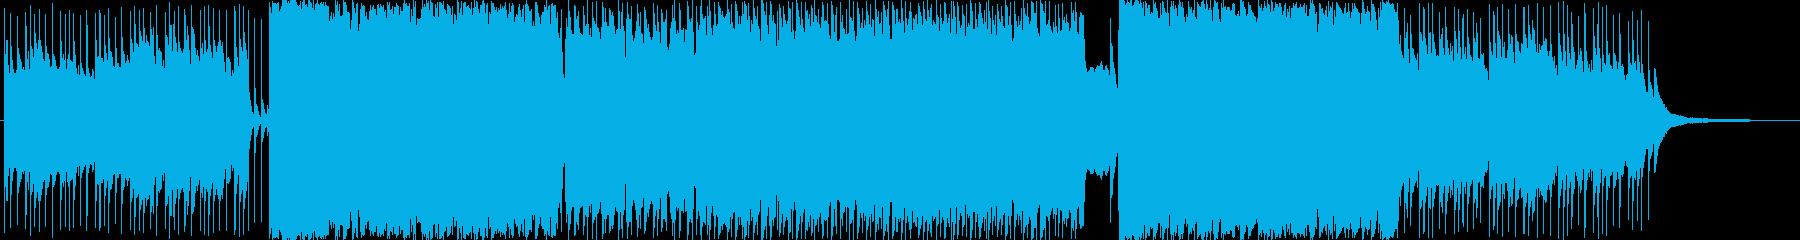 爽やかでポップなハウスサウンドの再生済みの波形